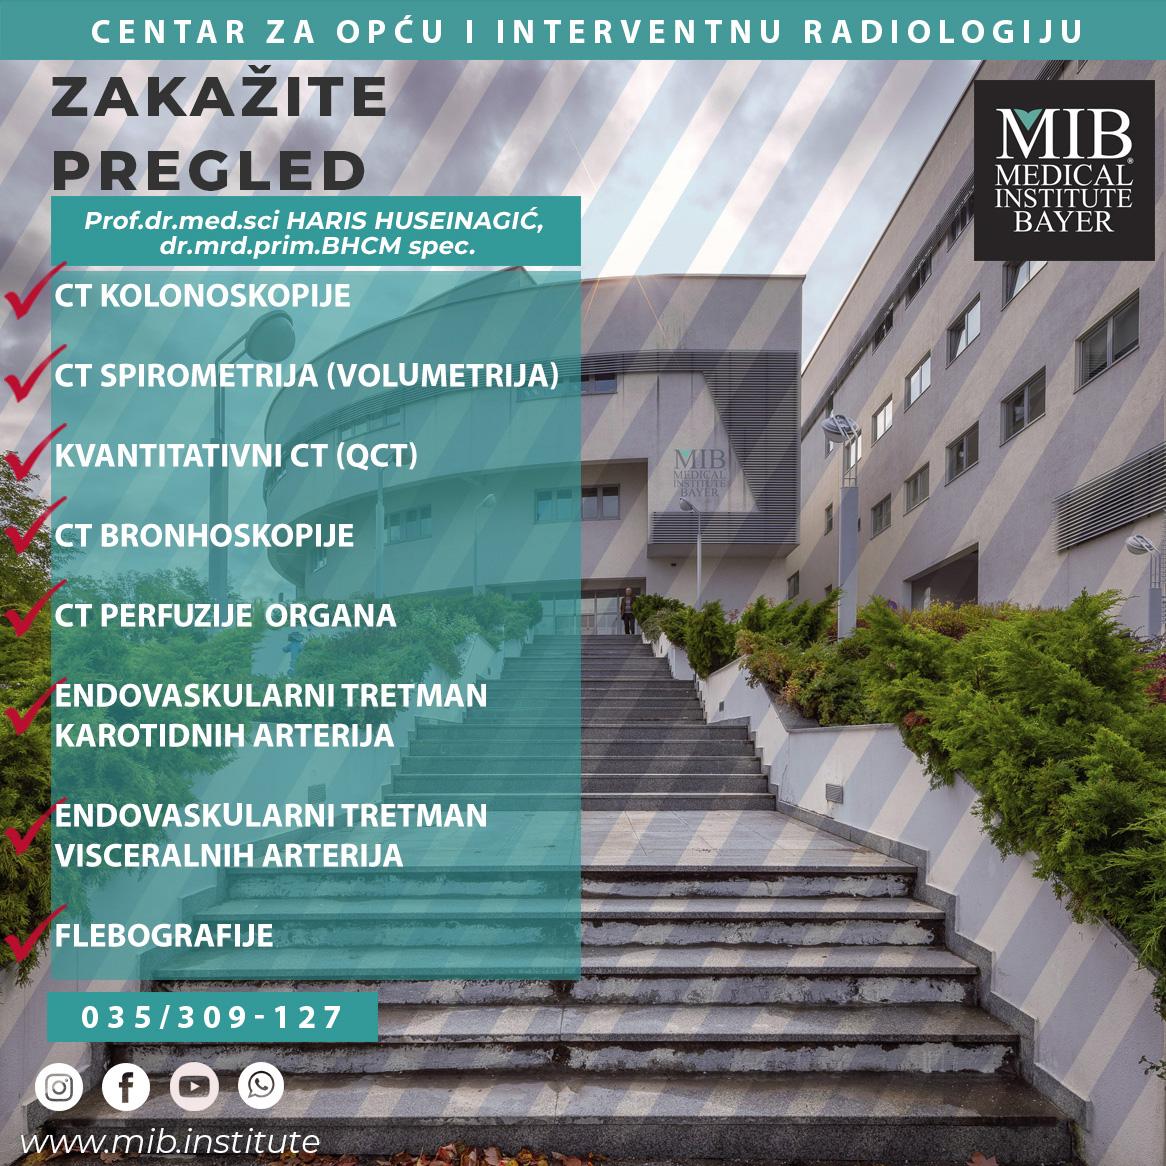 Centar za opću i interventnu radiologiju – INFO